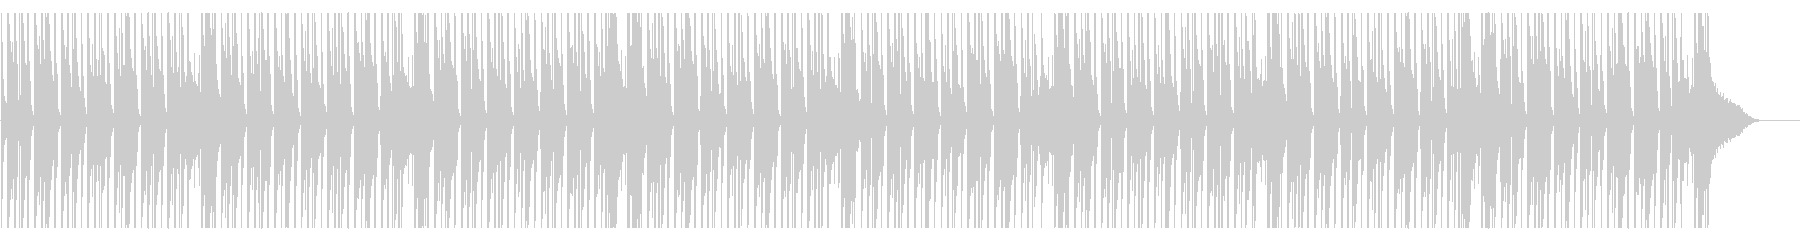 CMやアニメ系の日常(ハープ)の未再生の波形